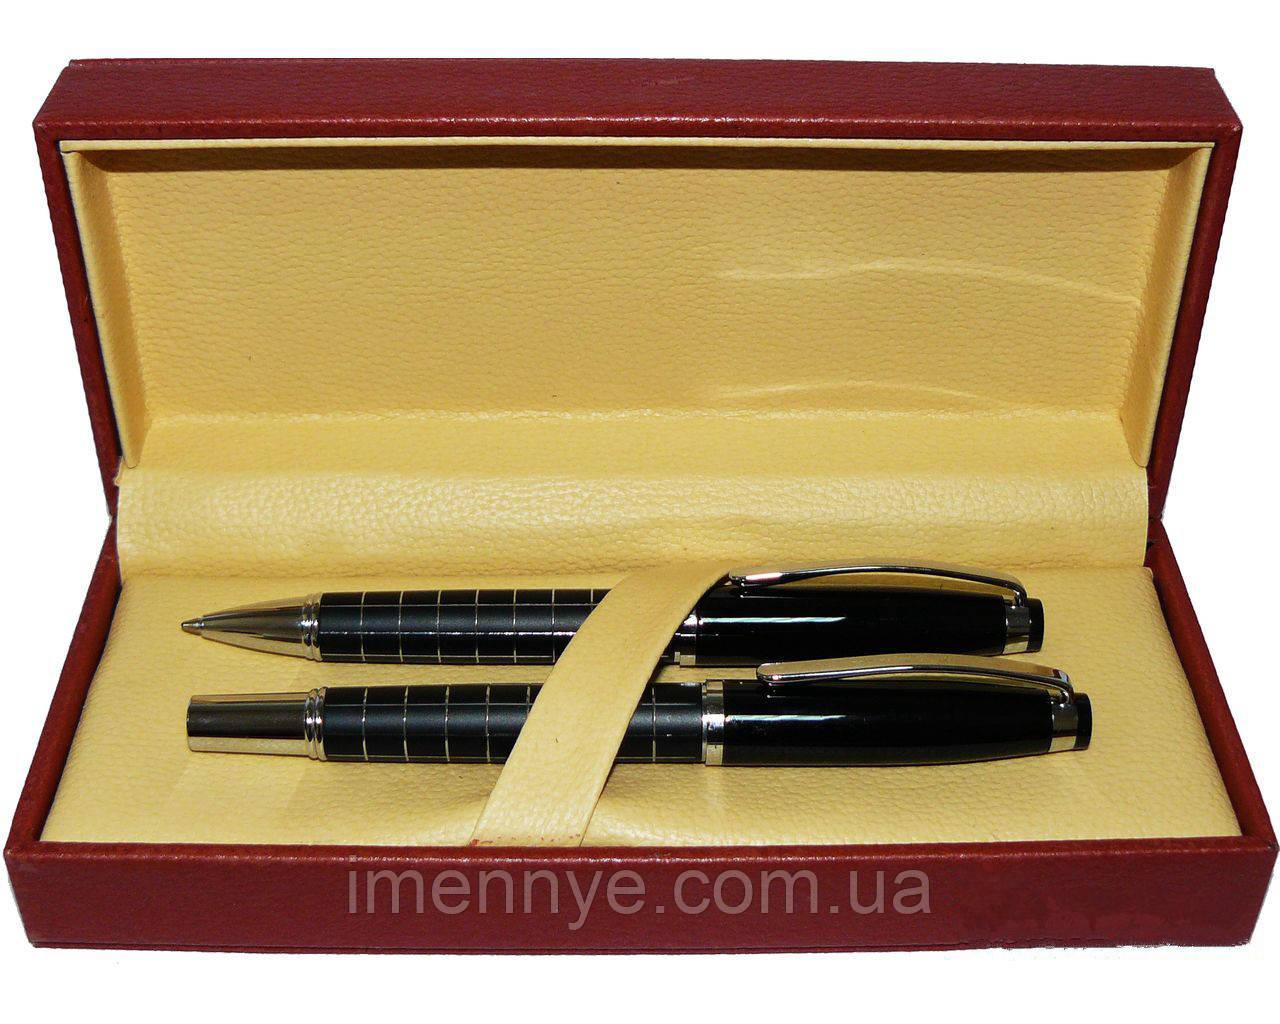 Ручки Fuliwen в подарочной коробке